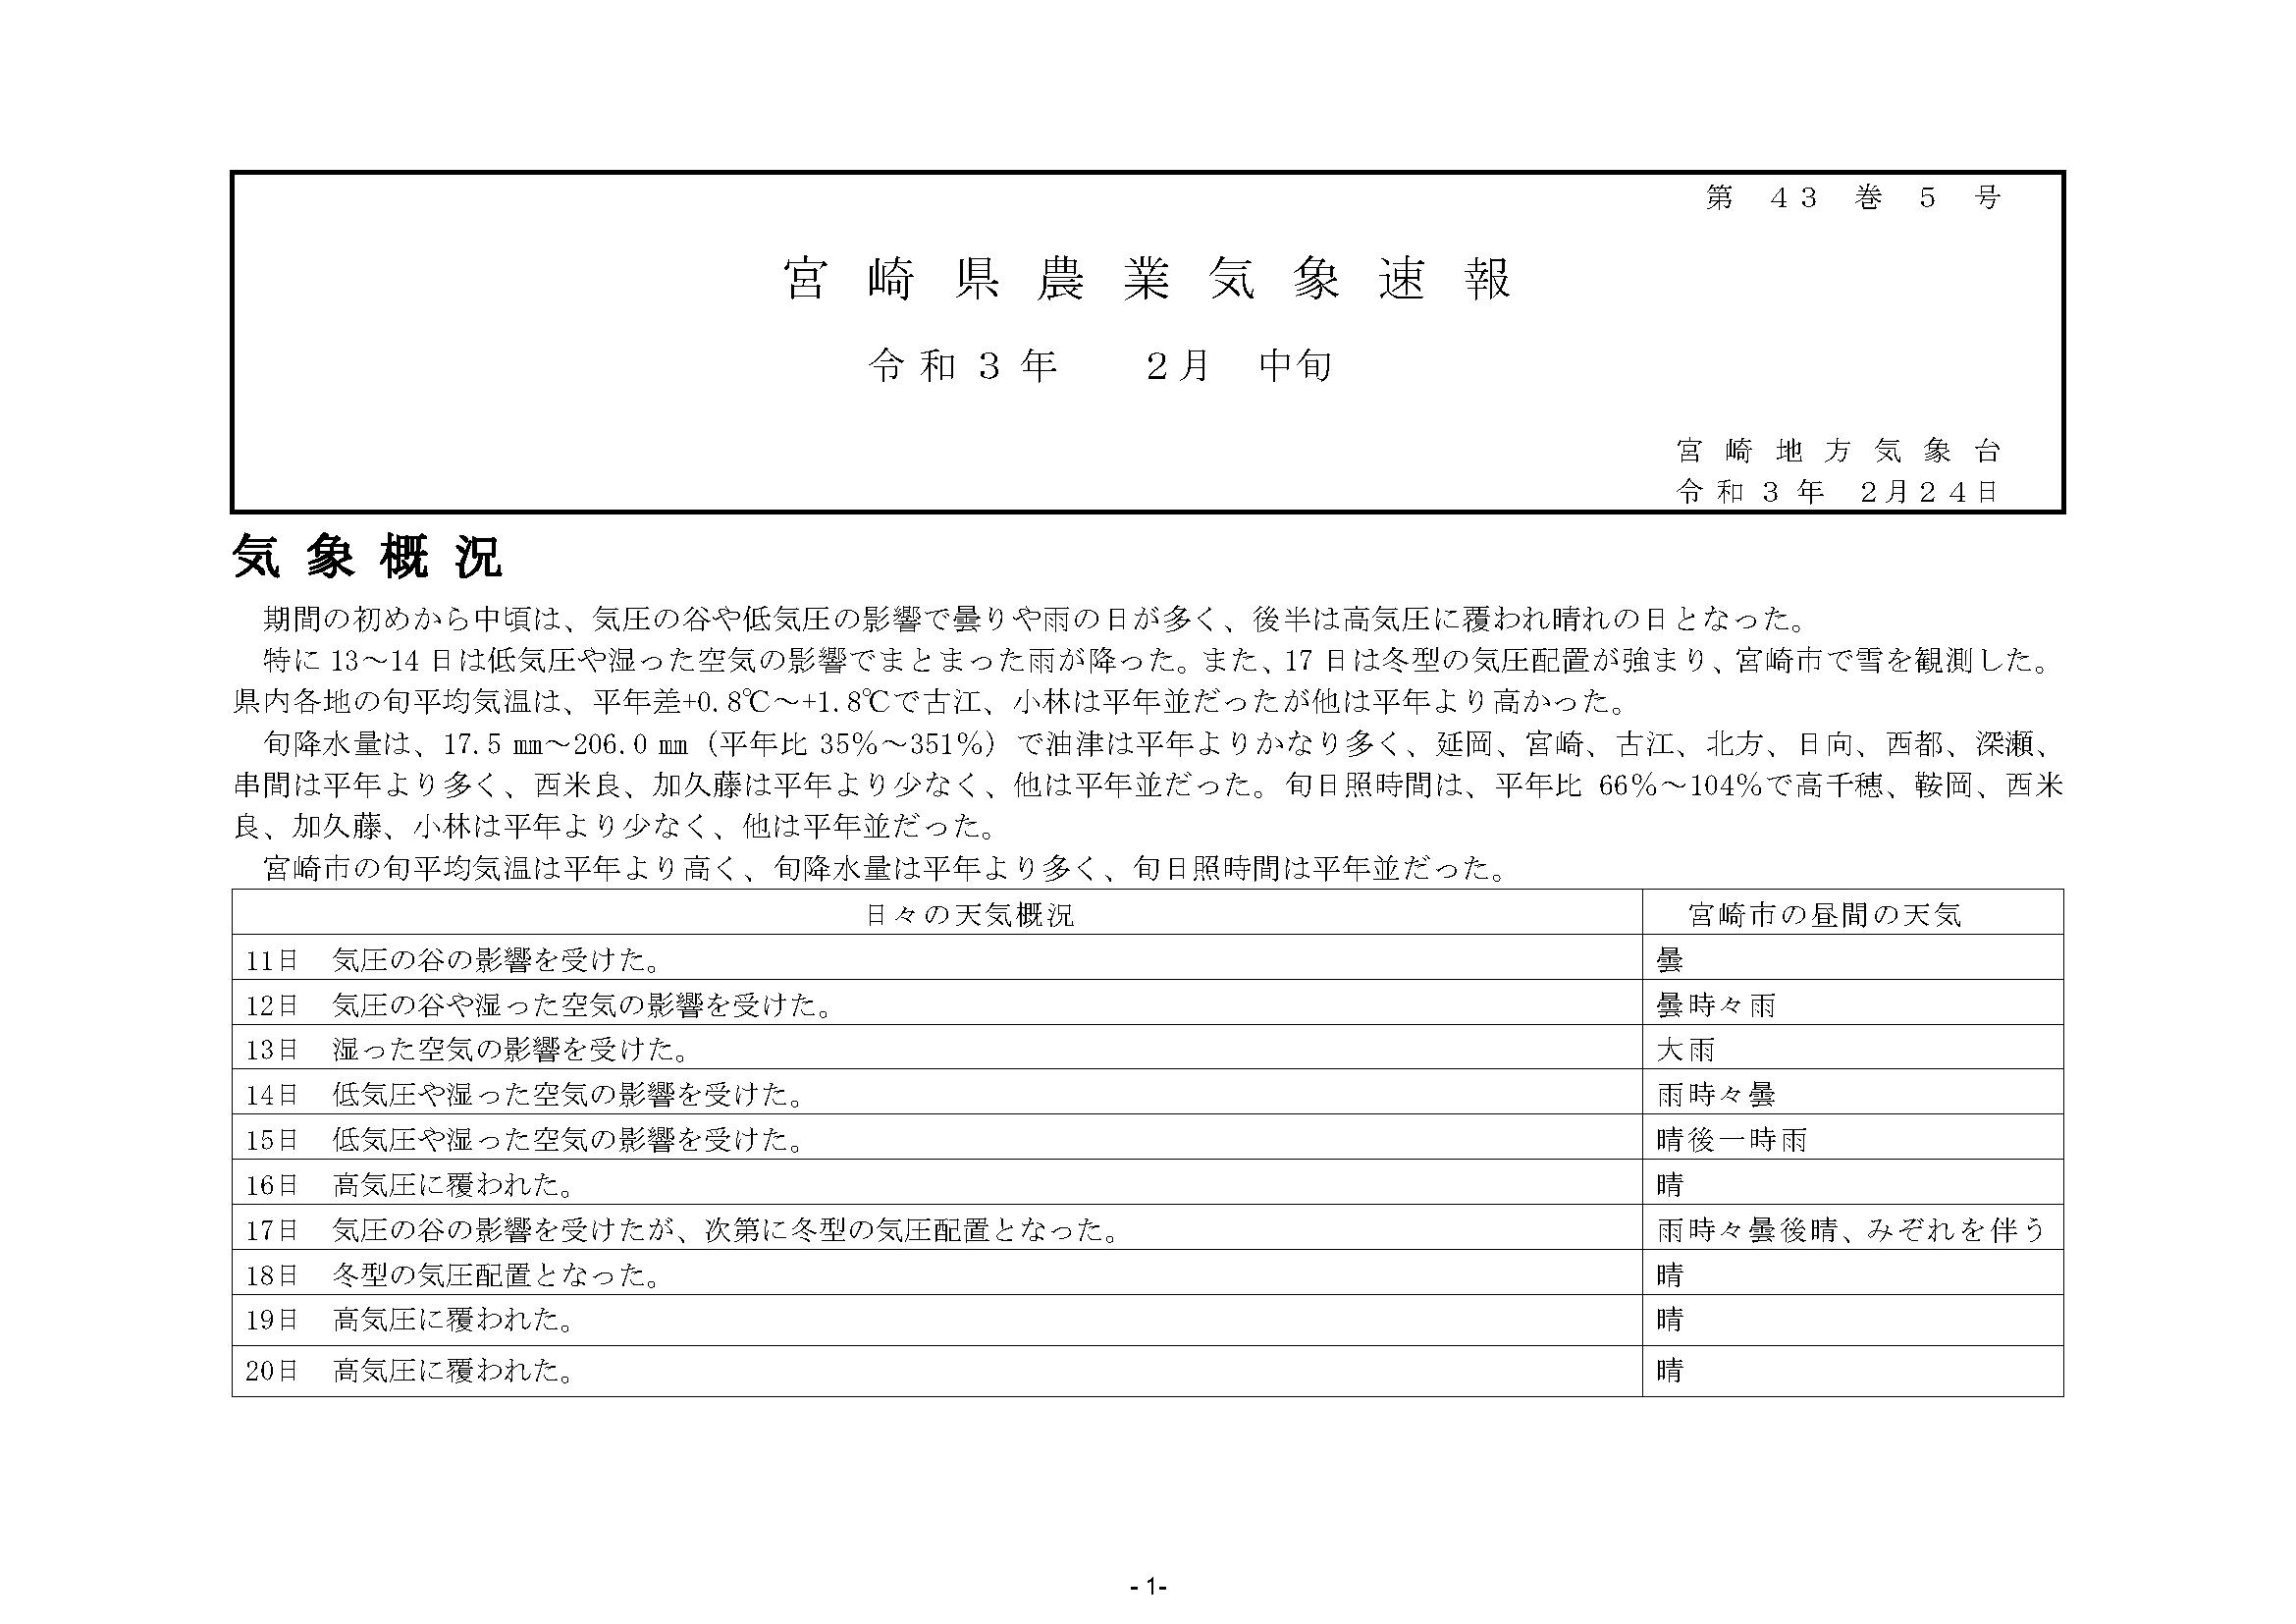 宮崎県農業気象速報令和3年2月中旬PDF